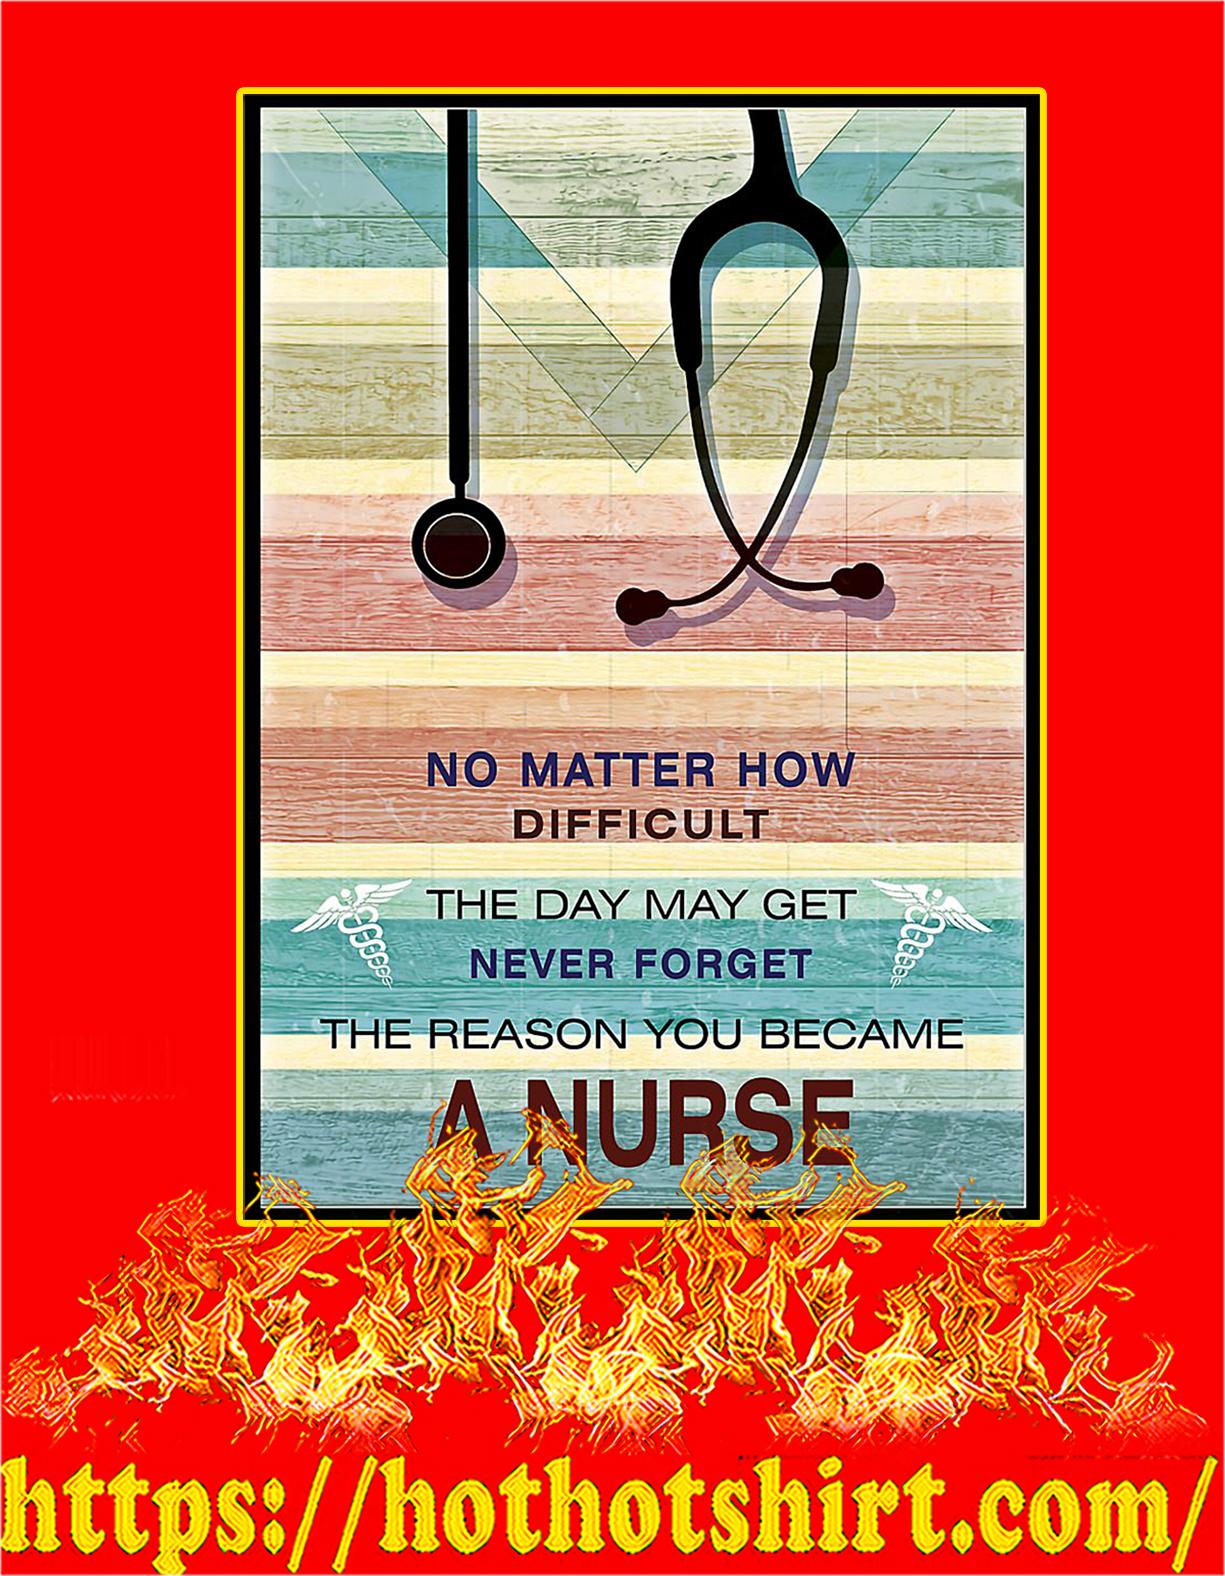 Nurse No matter how difficult poster - A4